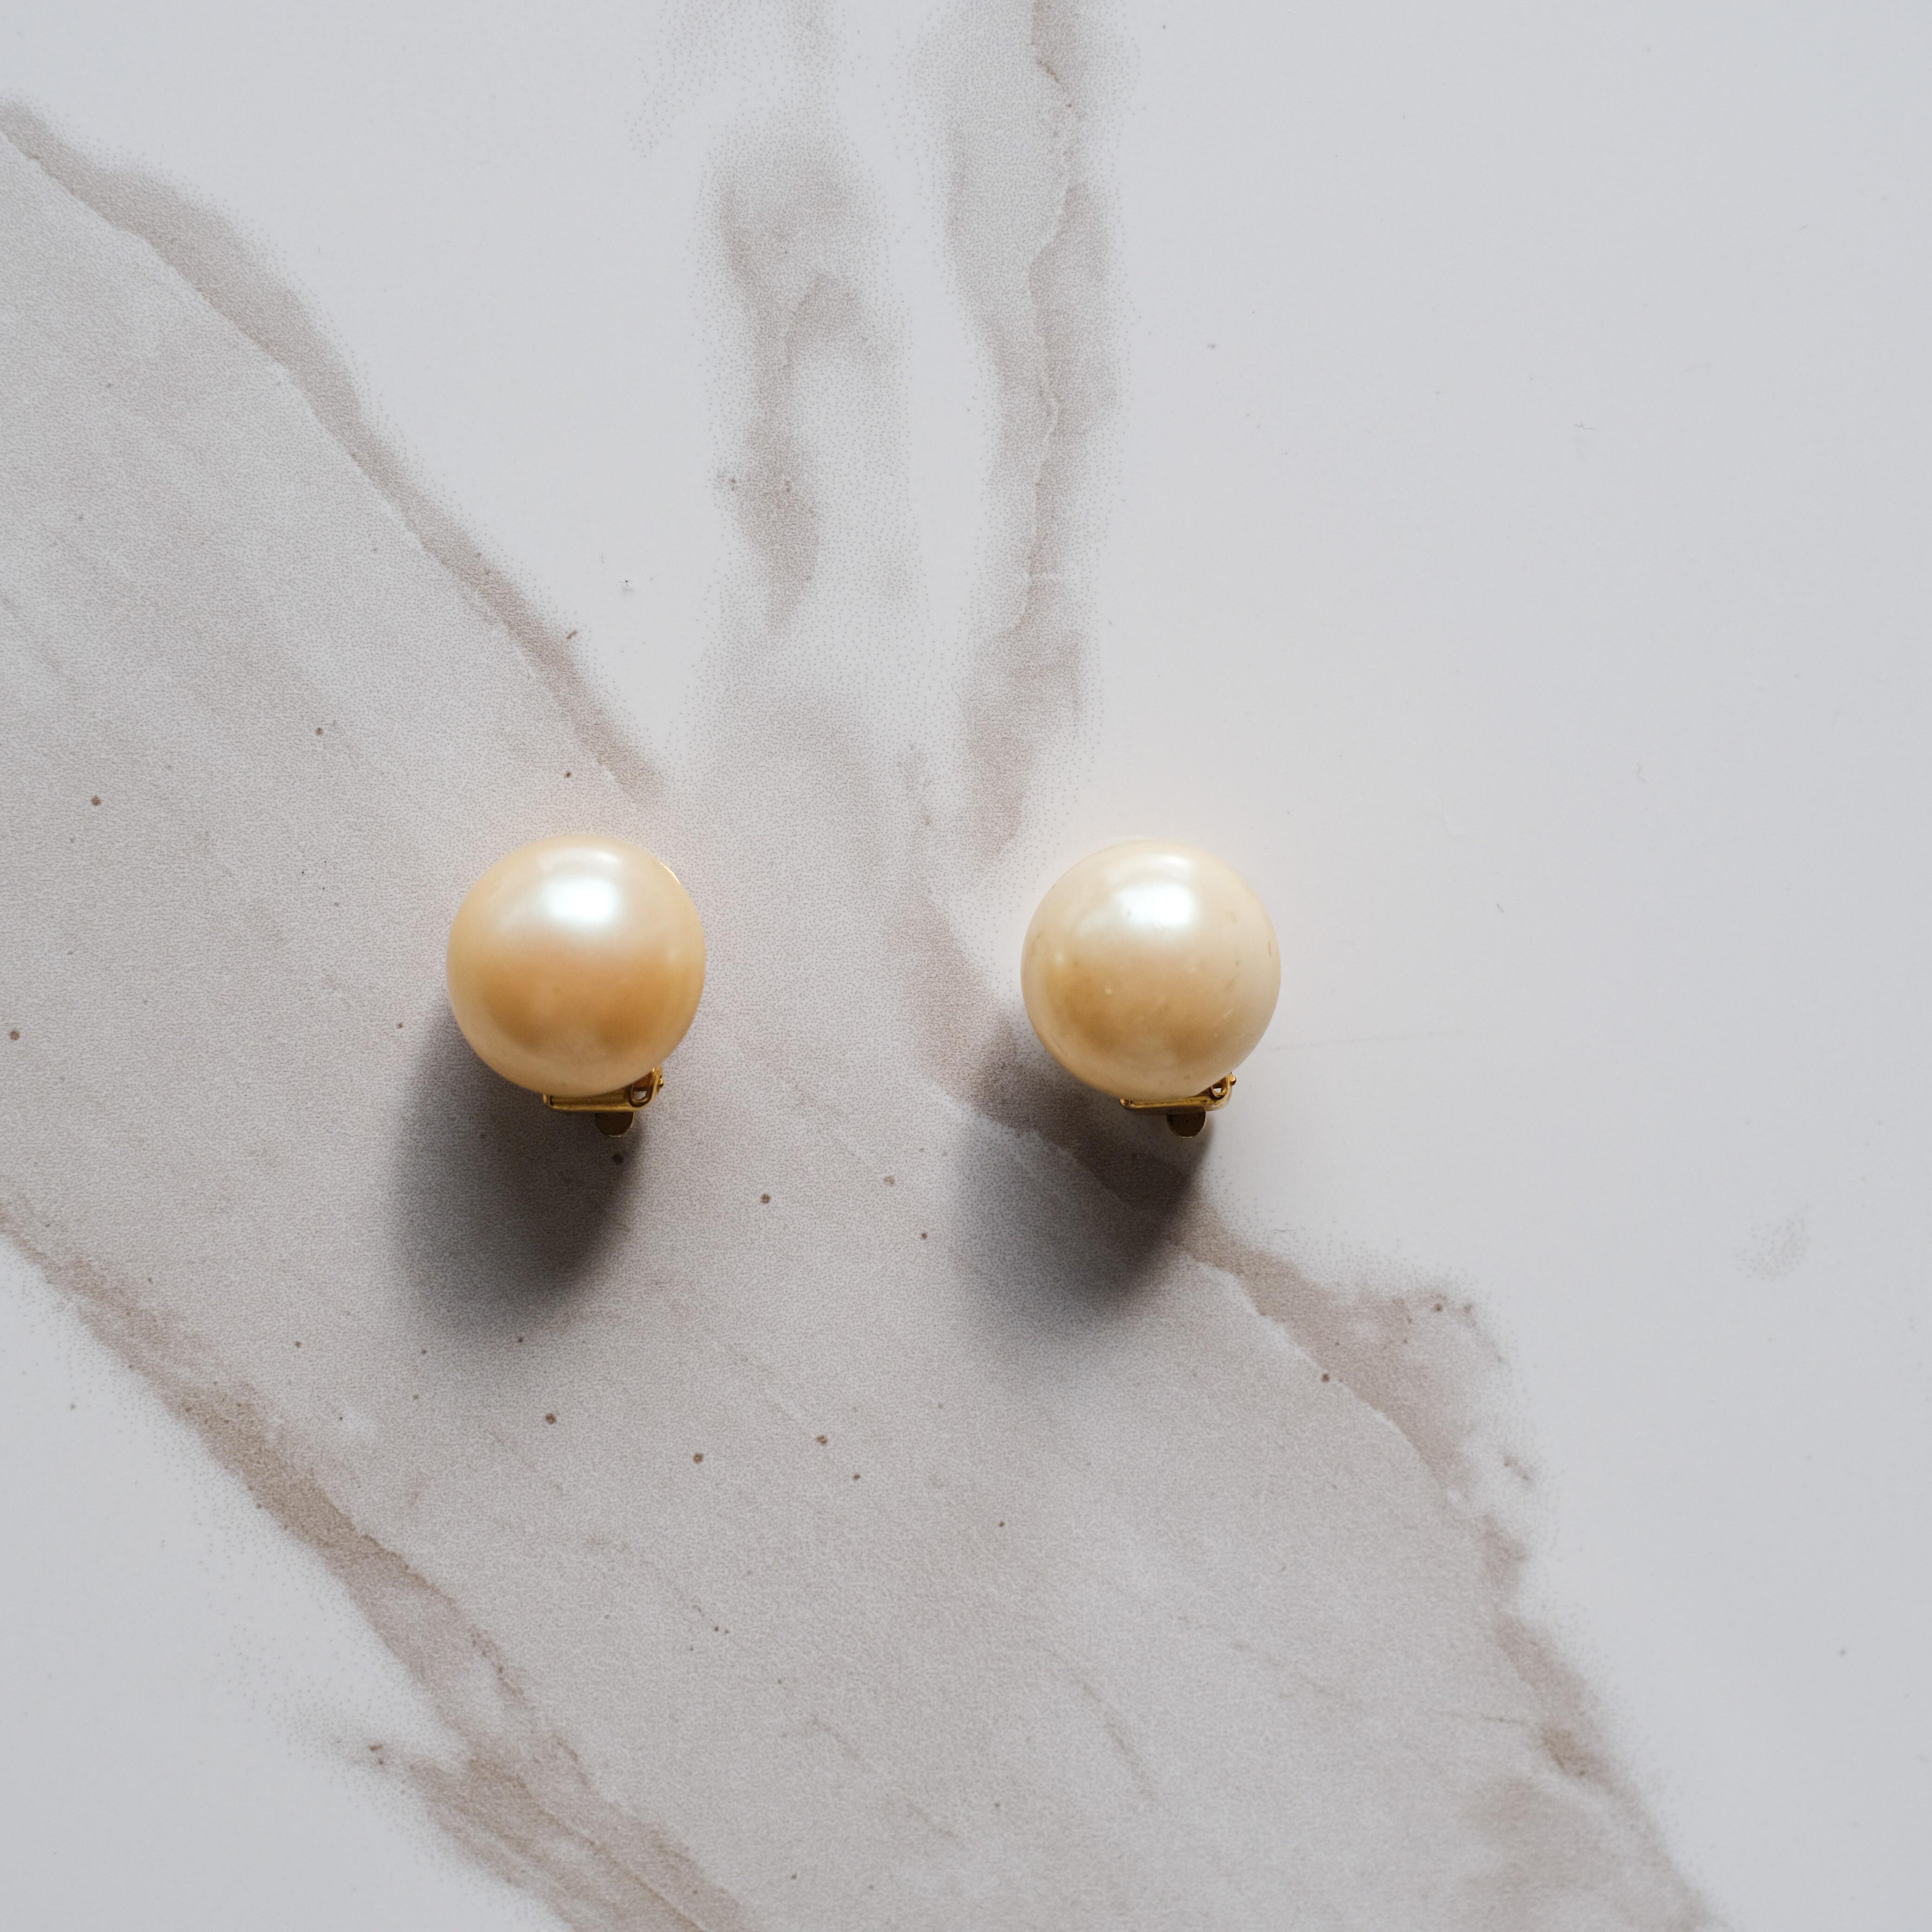 パールのシンプルな70'sイヤリング